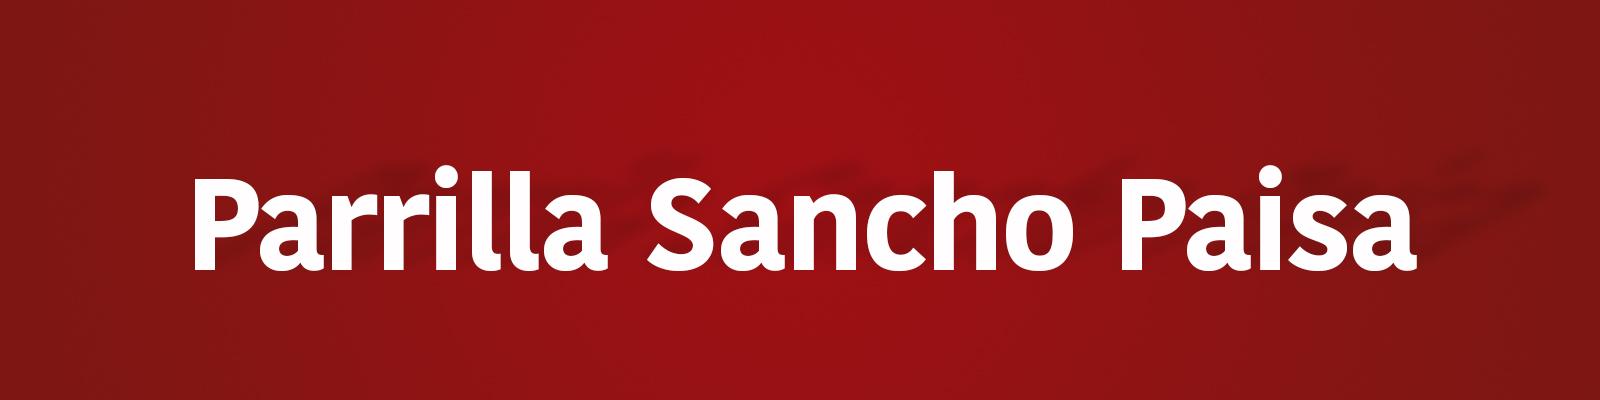 Parrilla Sancho Paisa